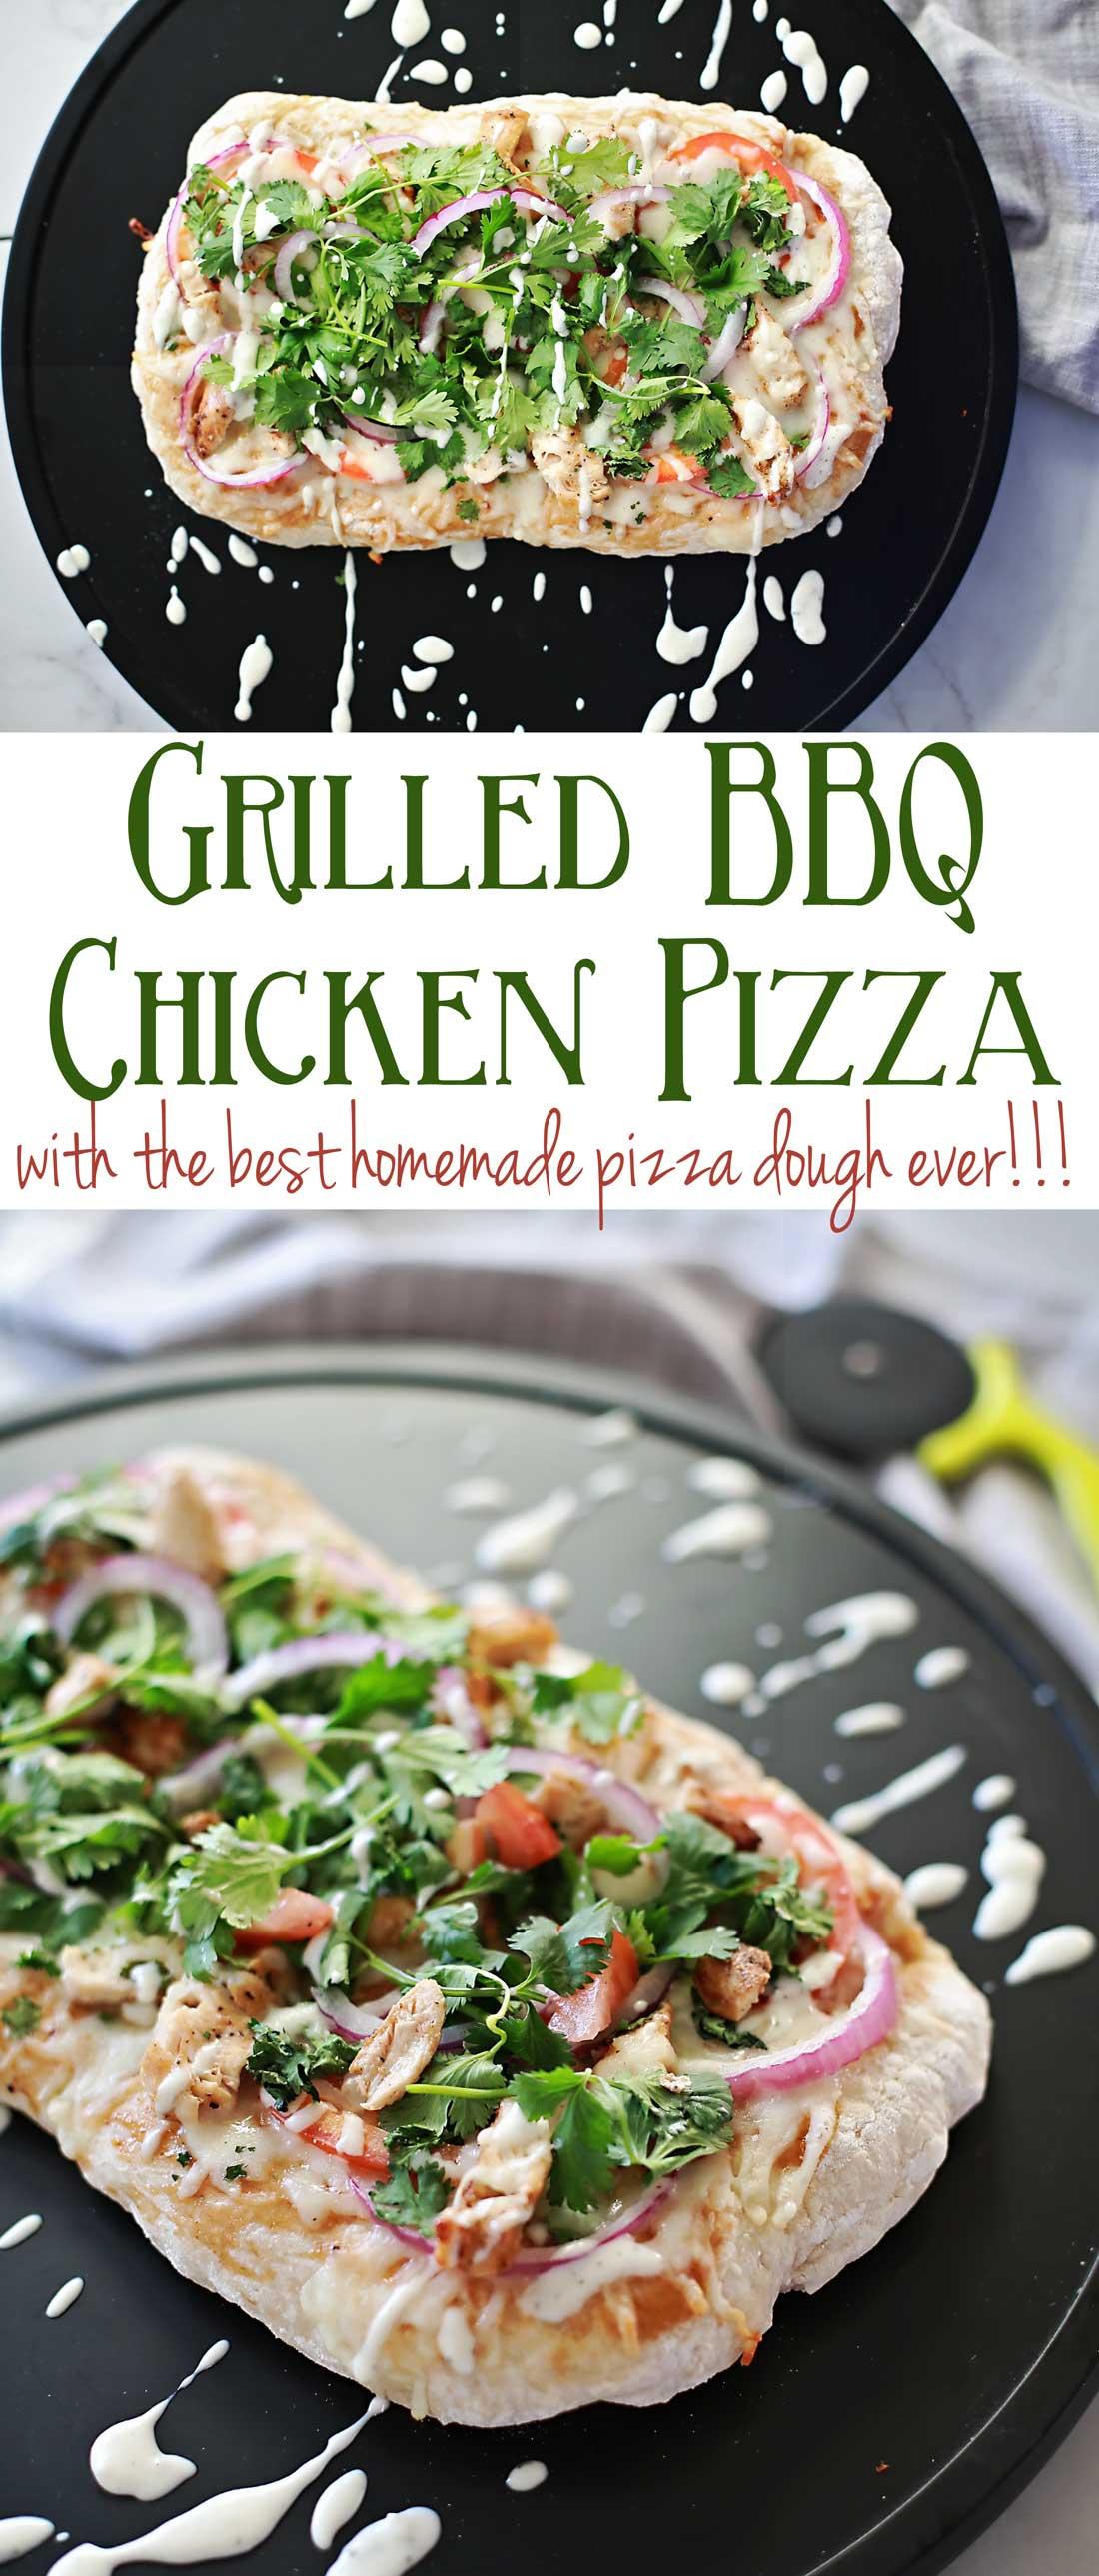 AMAZING BBQ Chicken Pizza!